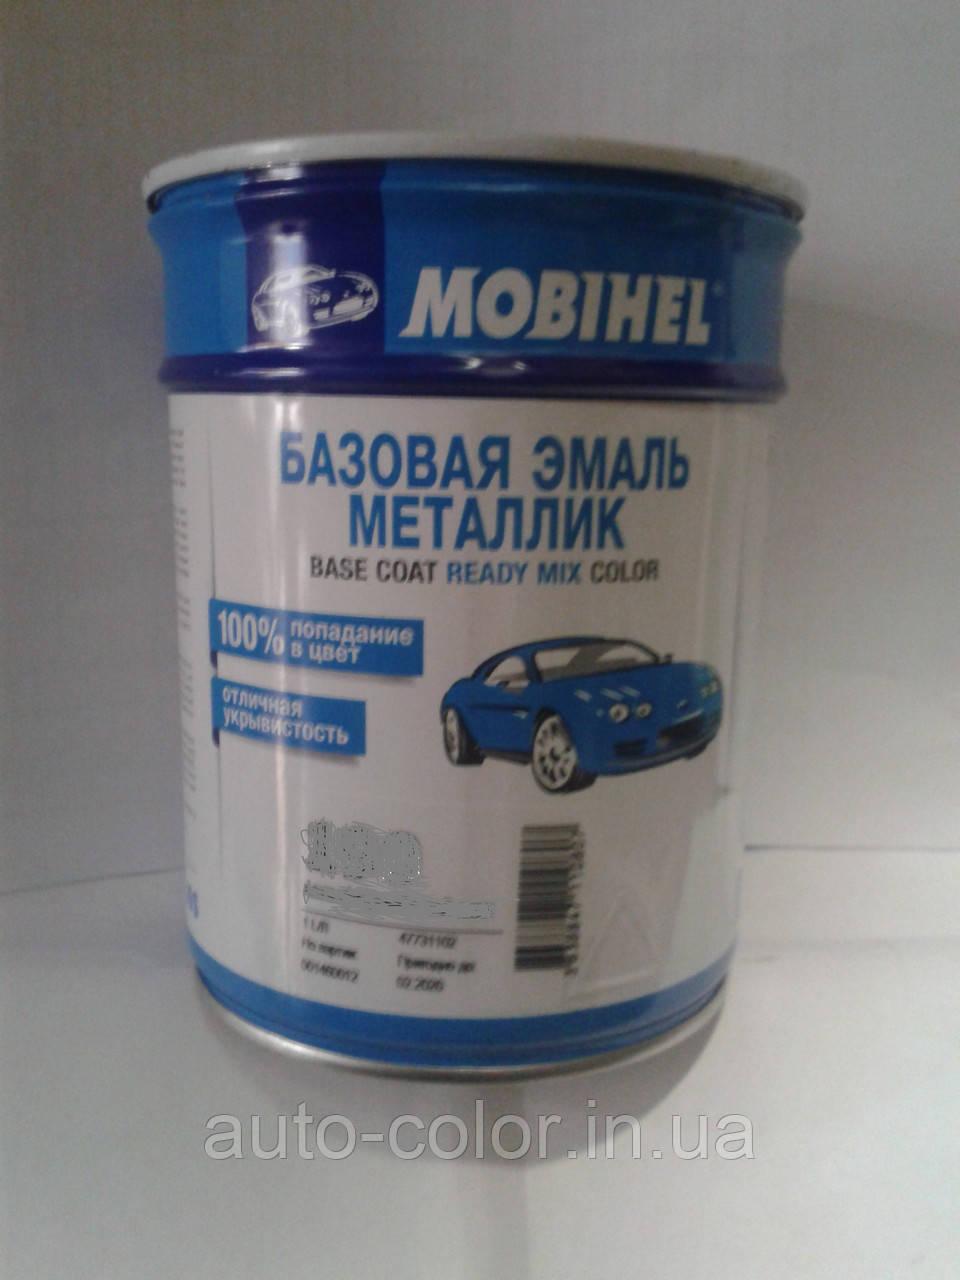 Автоемаль базова металік Mobihel 371 Амулет 1л